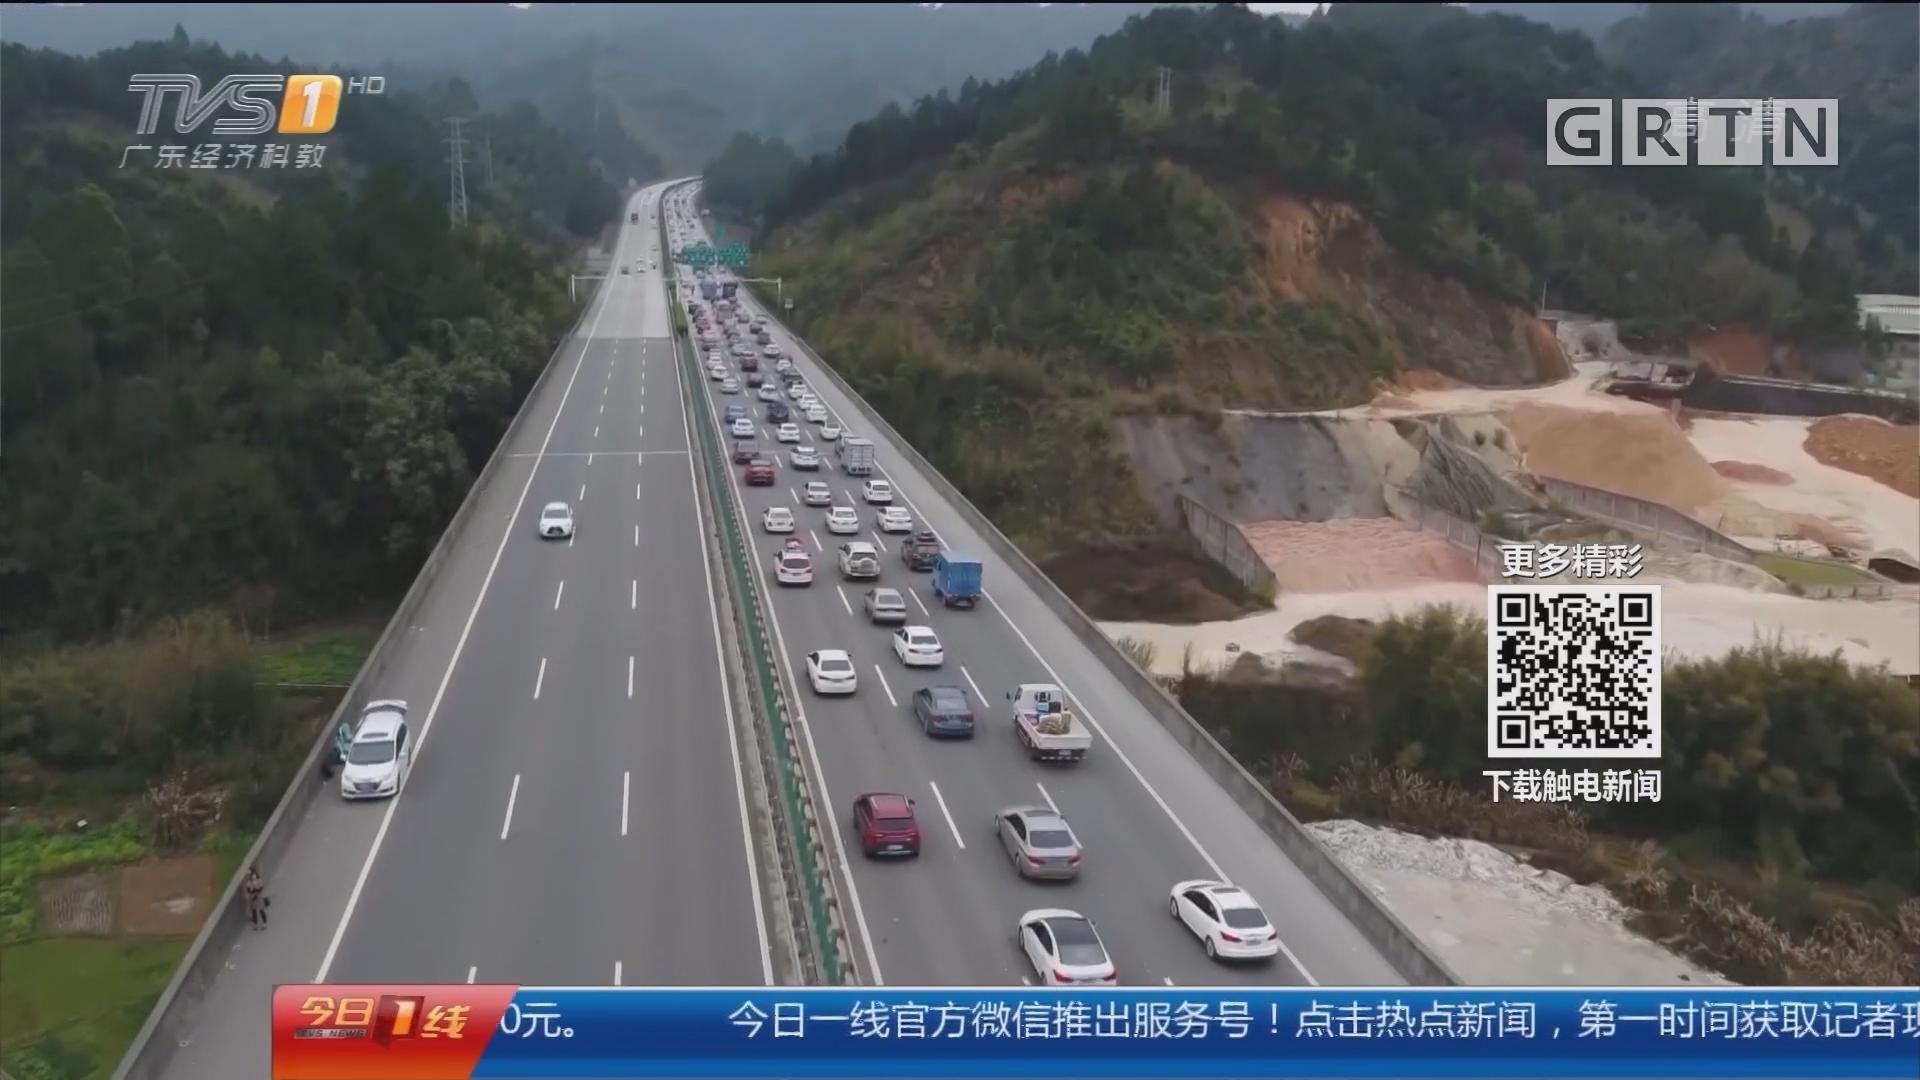 直击回程高峰:二广高速 堵堵堵!航拍数十公里拥堵车龙